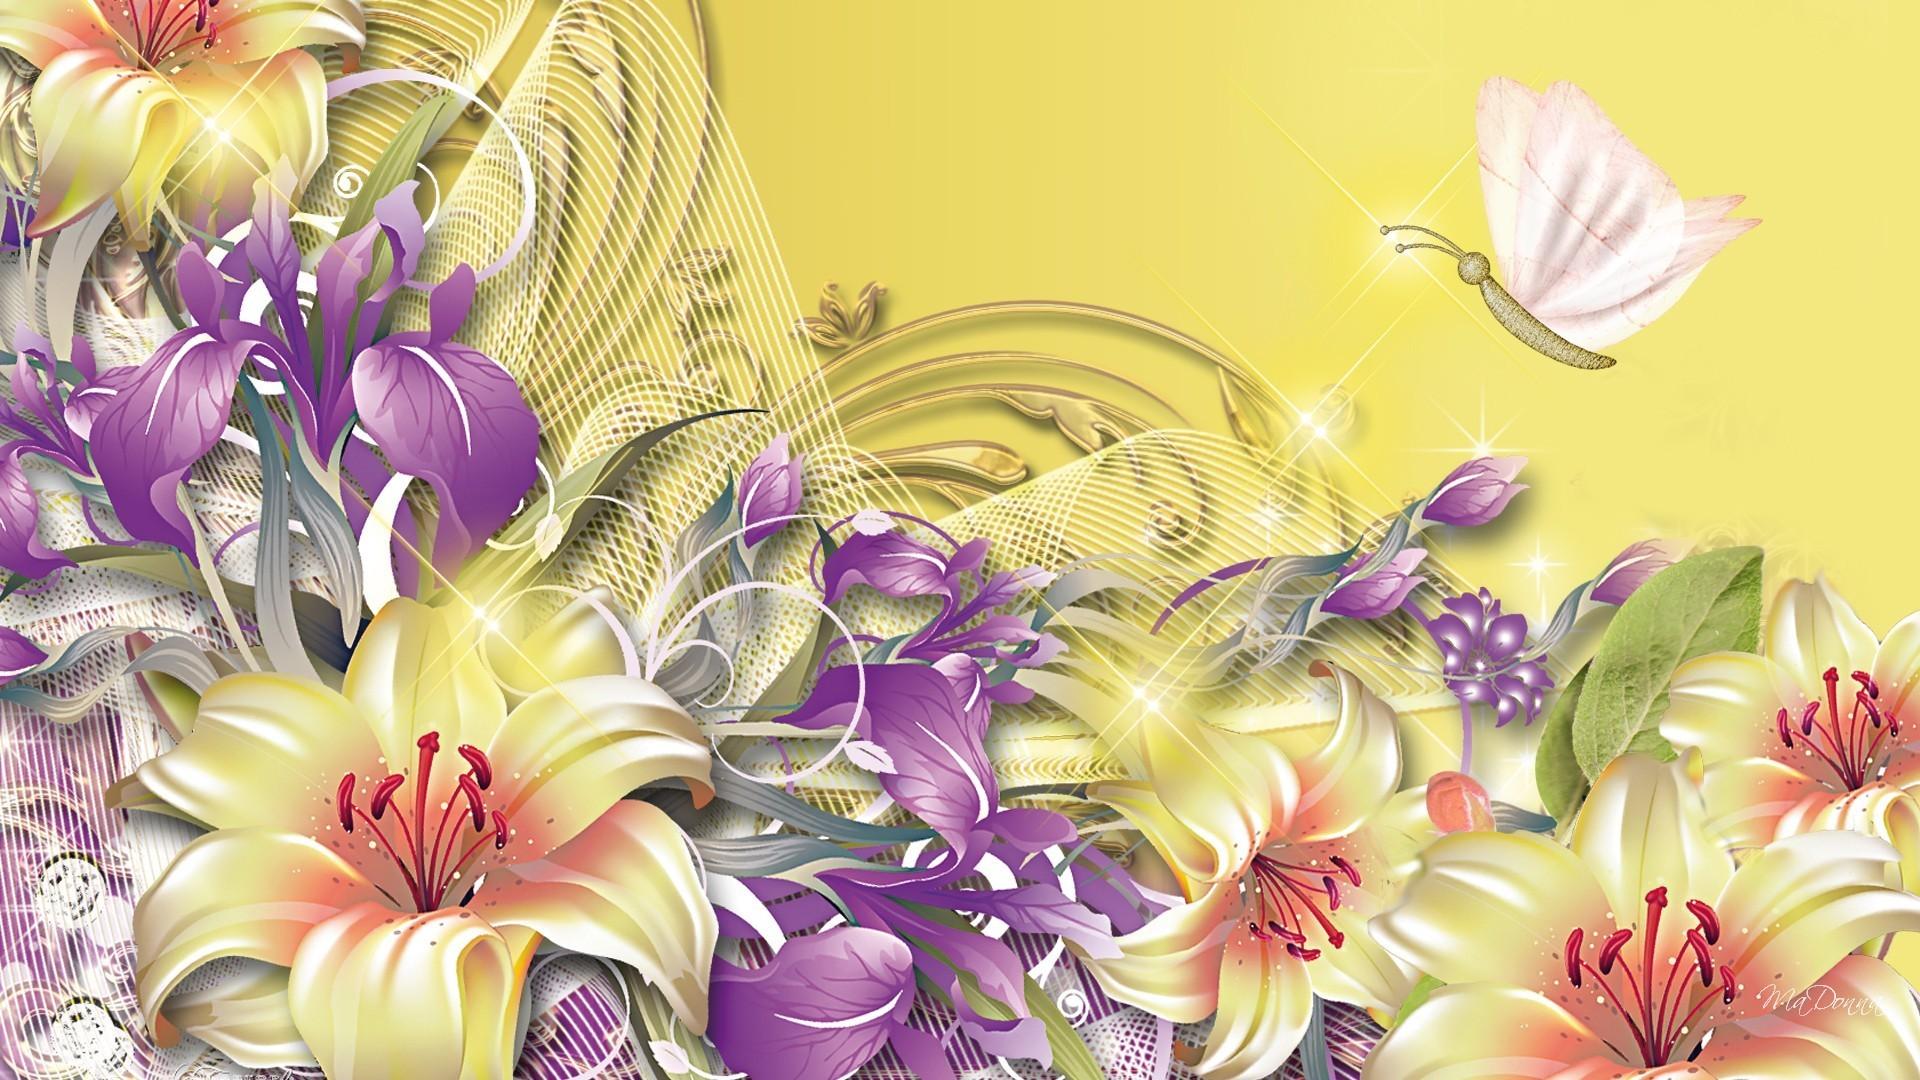 Iris Lavender Purple Flowers Papillon Fleurs Lilies Gold Netting Yellow  Silk Golden Butterfly Flower Garden Wallpaper Free Download Detail